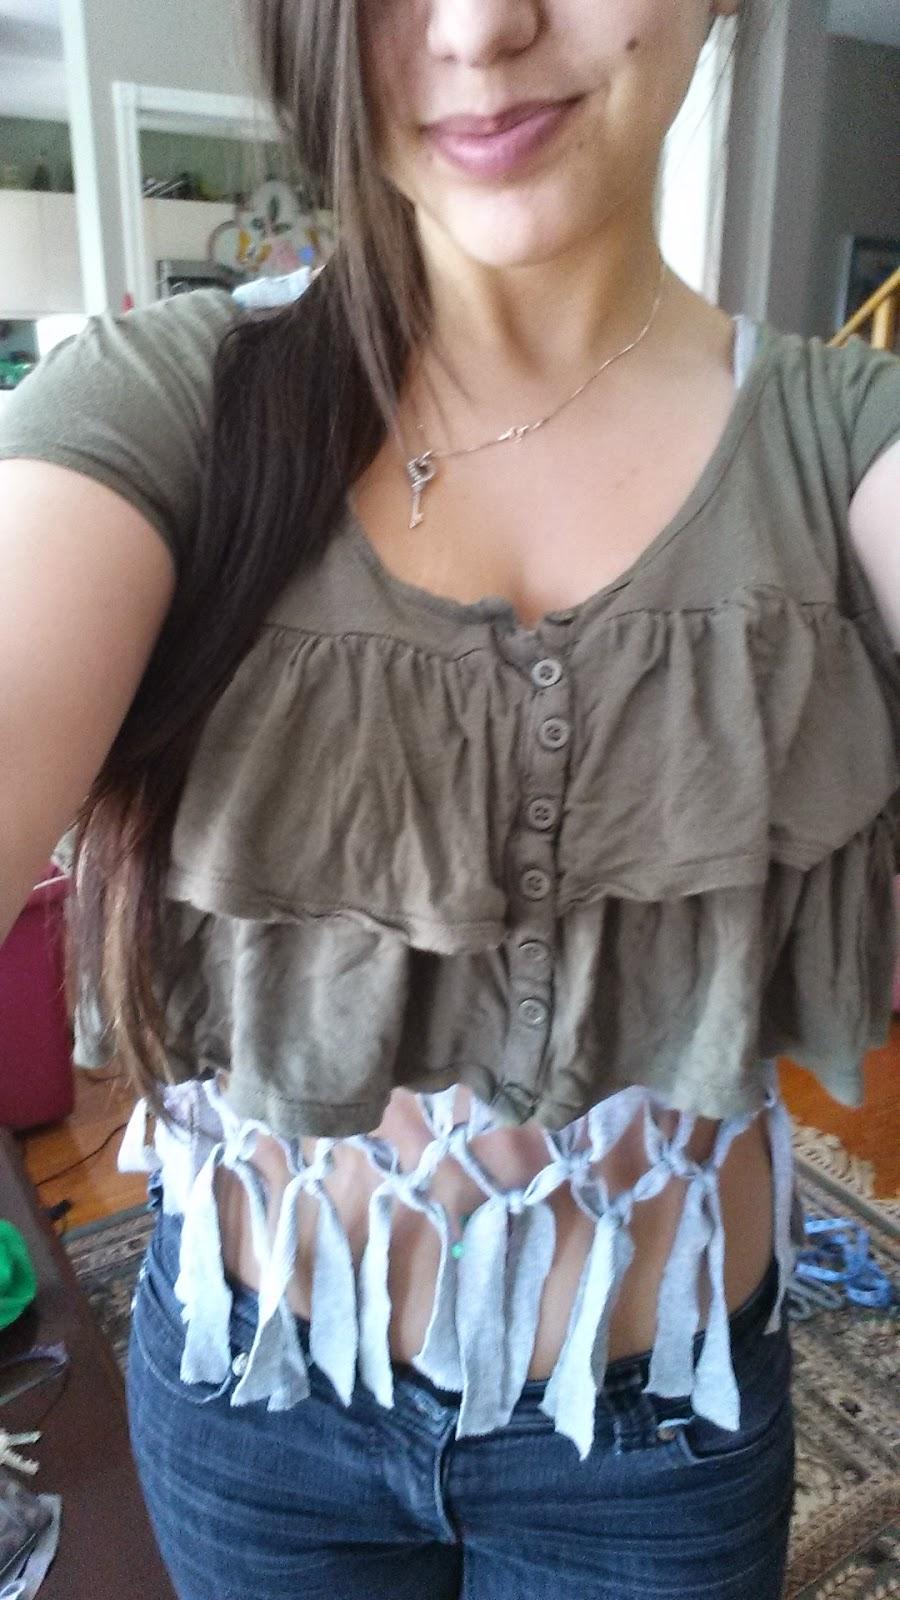 ripped, t-shirt, tank top, summer, breezy